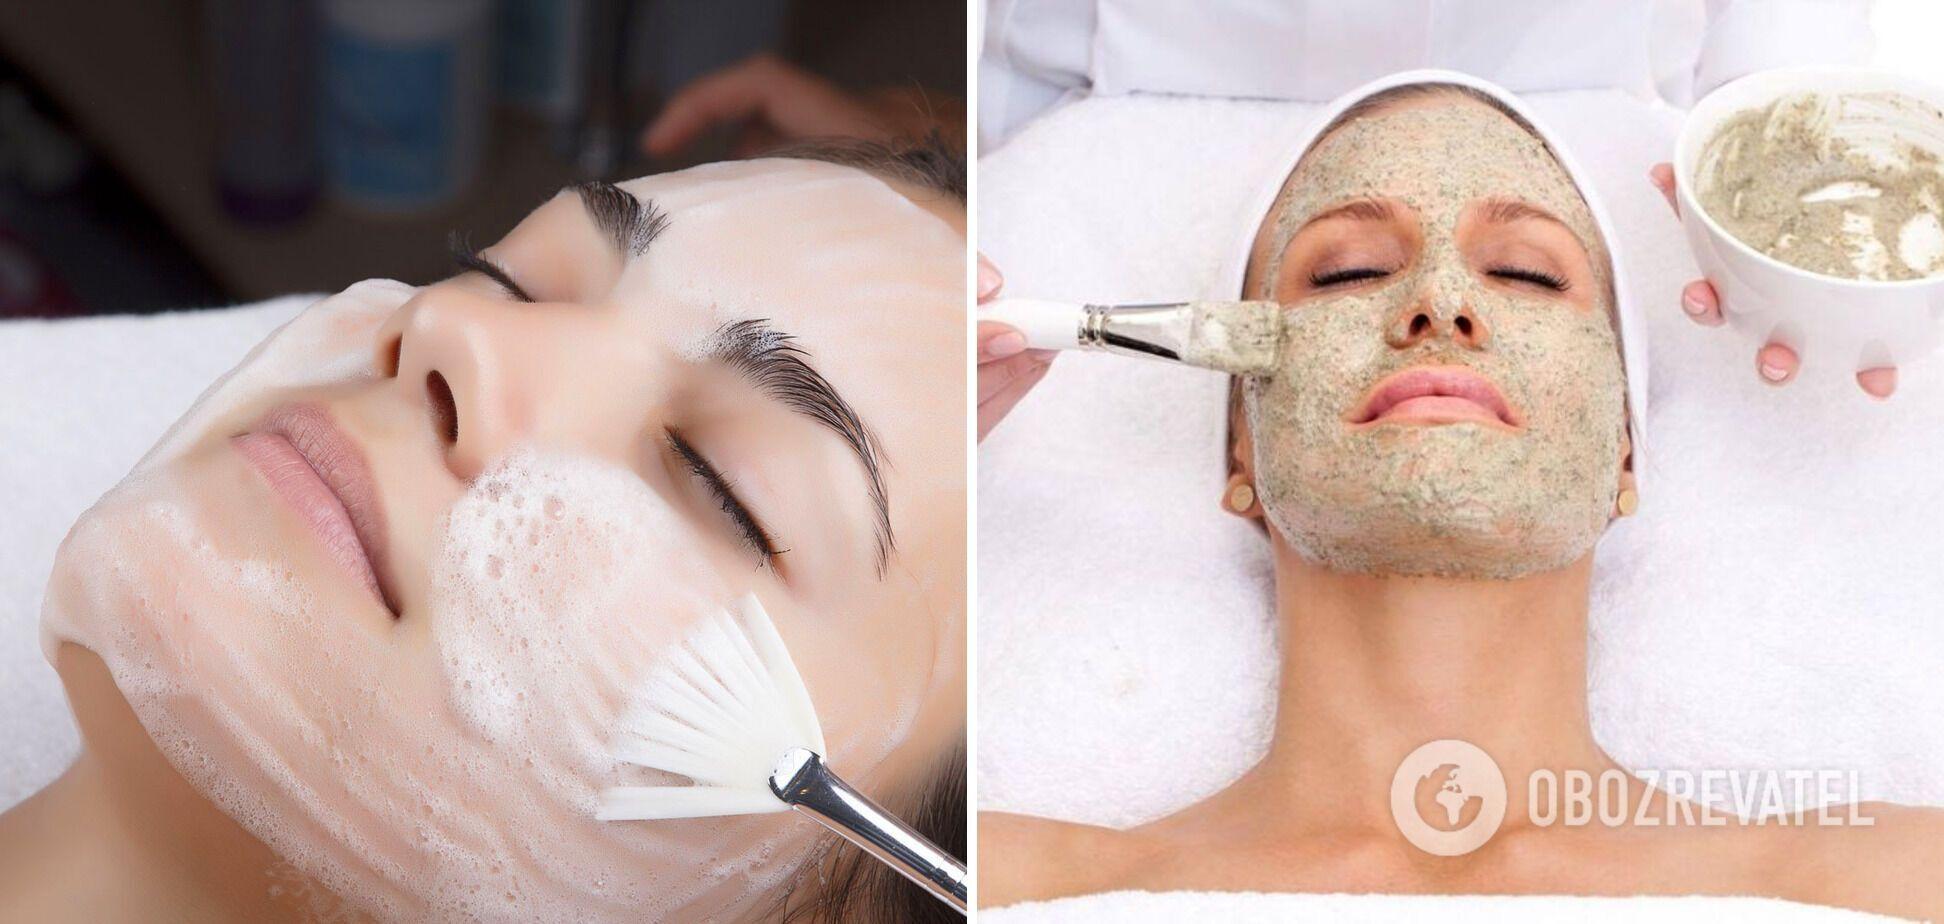 Карбокситерапия кожи помогает избавиться от веснушек.